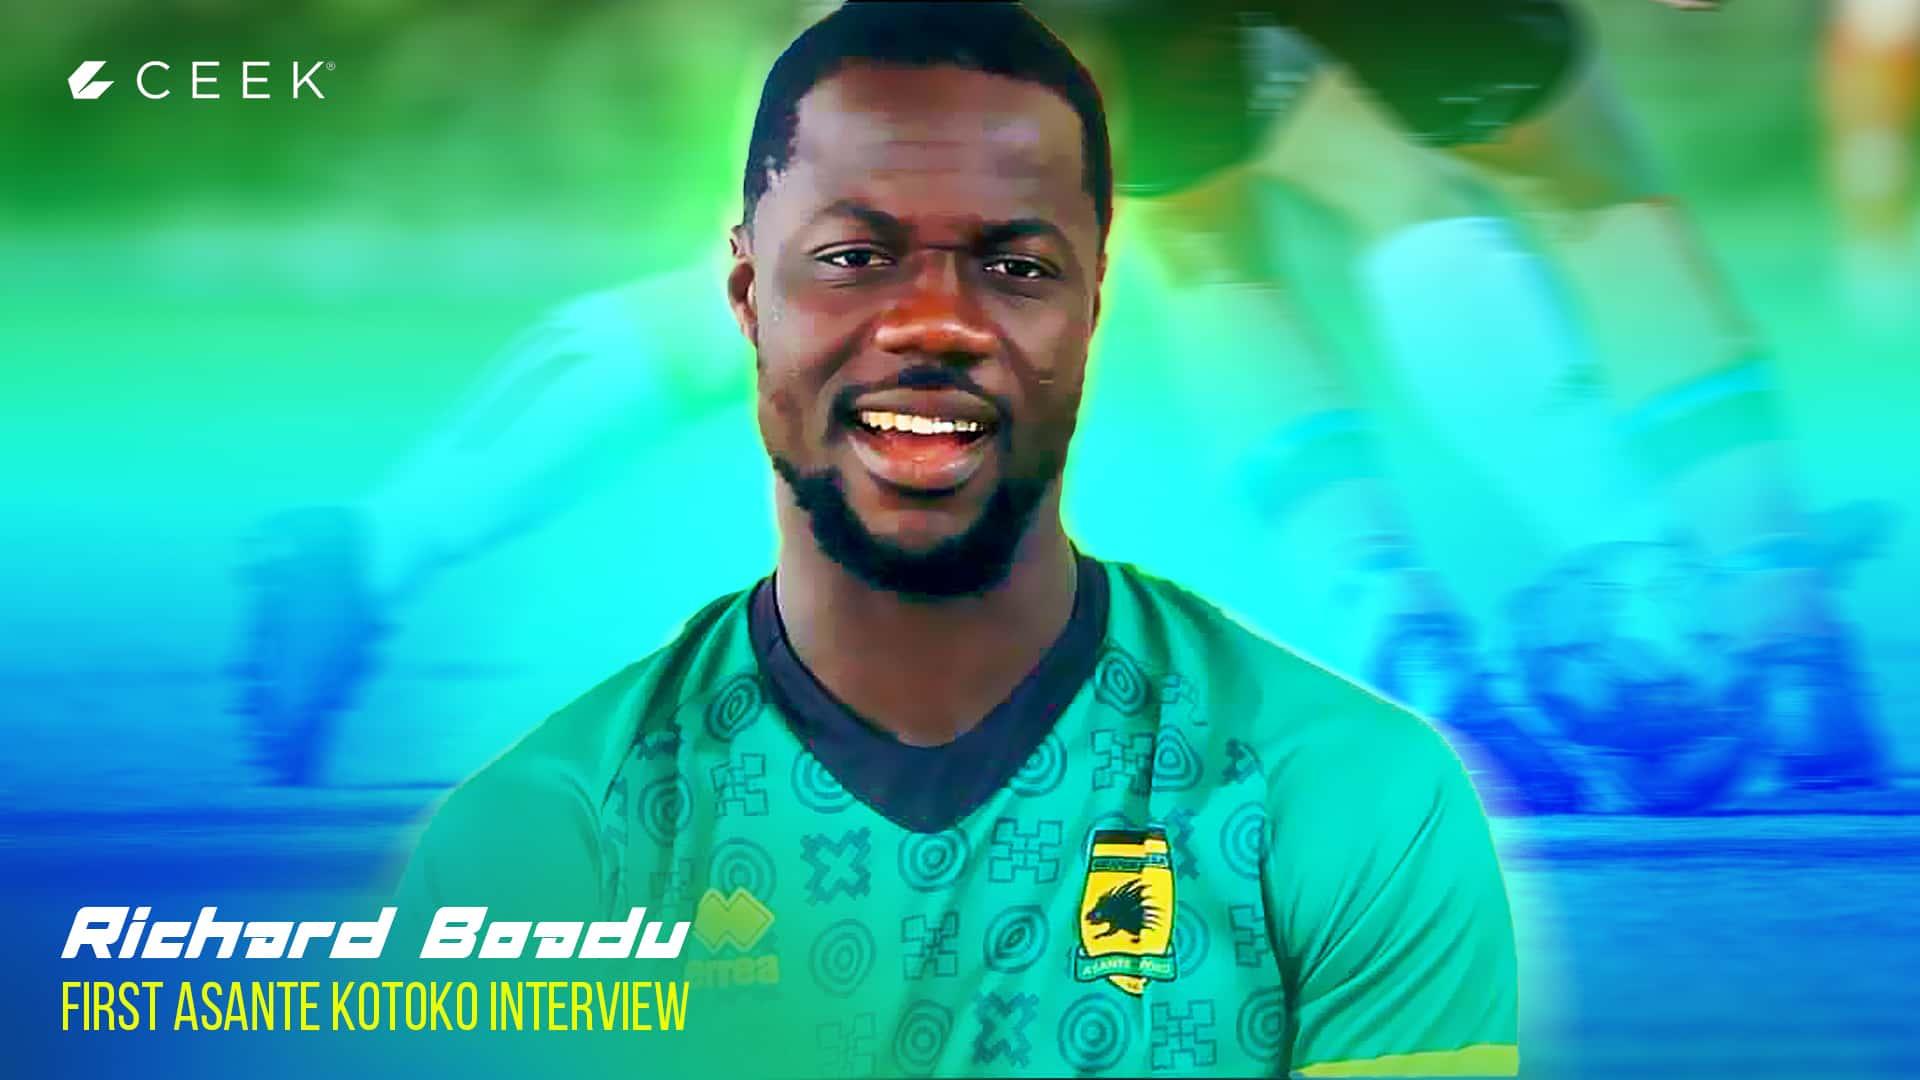 Richard Boadu: First Asante Kotoko interview ceek.com